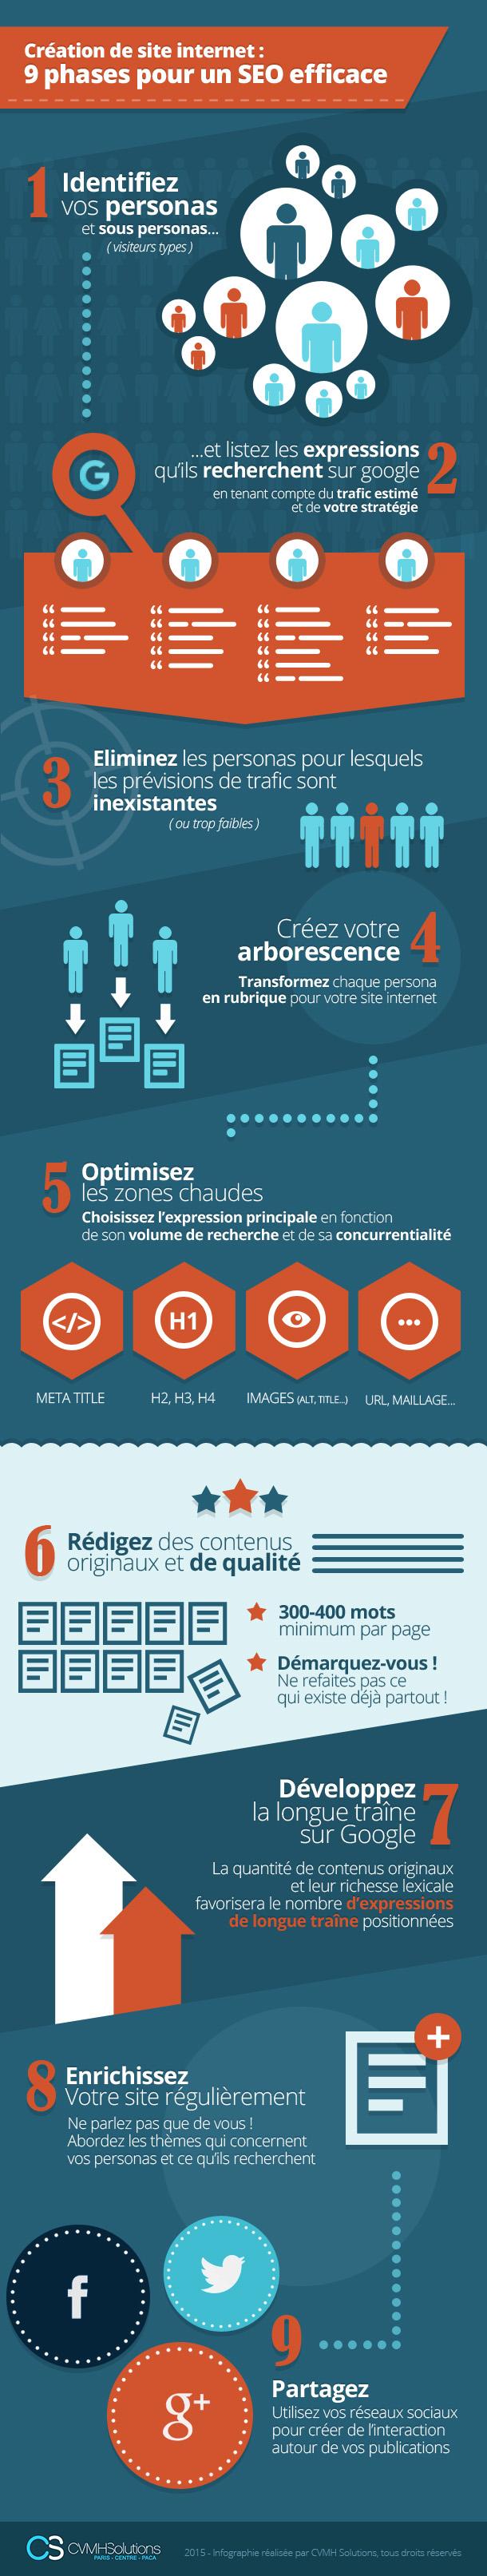 Infographie: Un SEO efficace en 9 phases pour la création d'un site internet